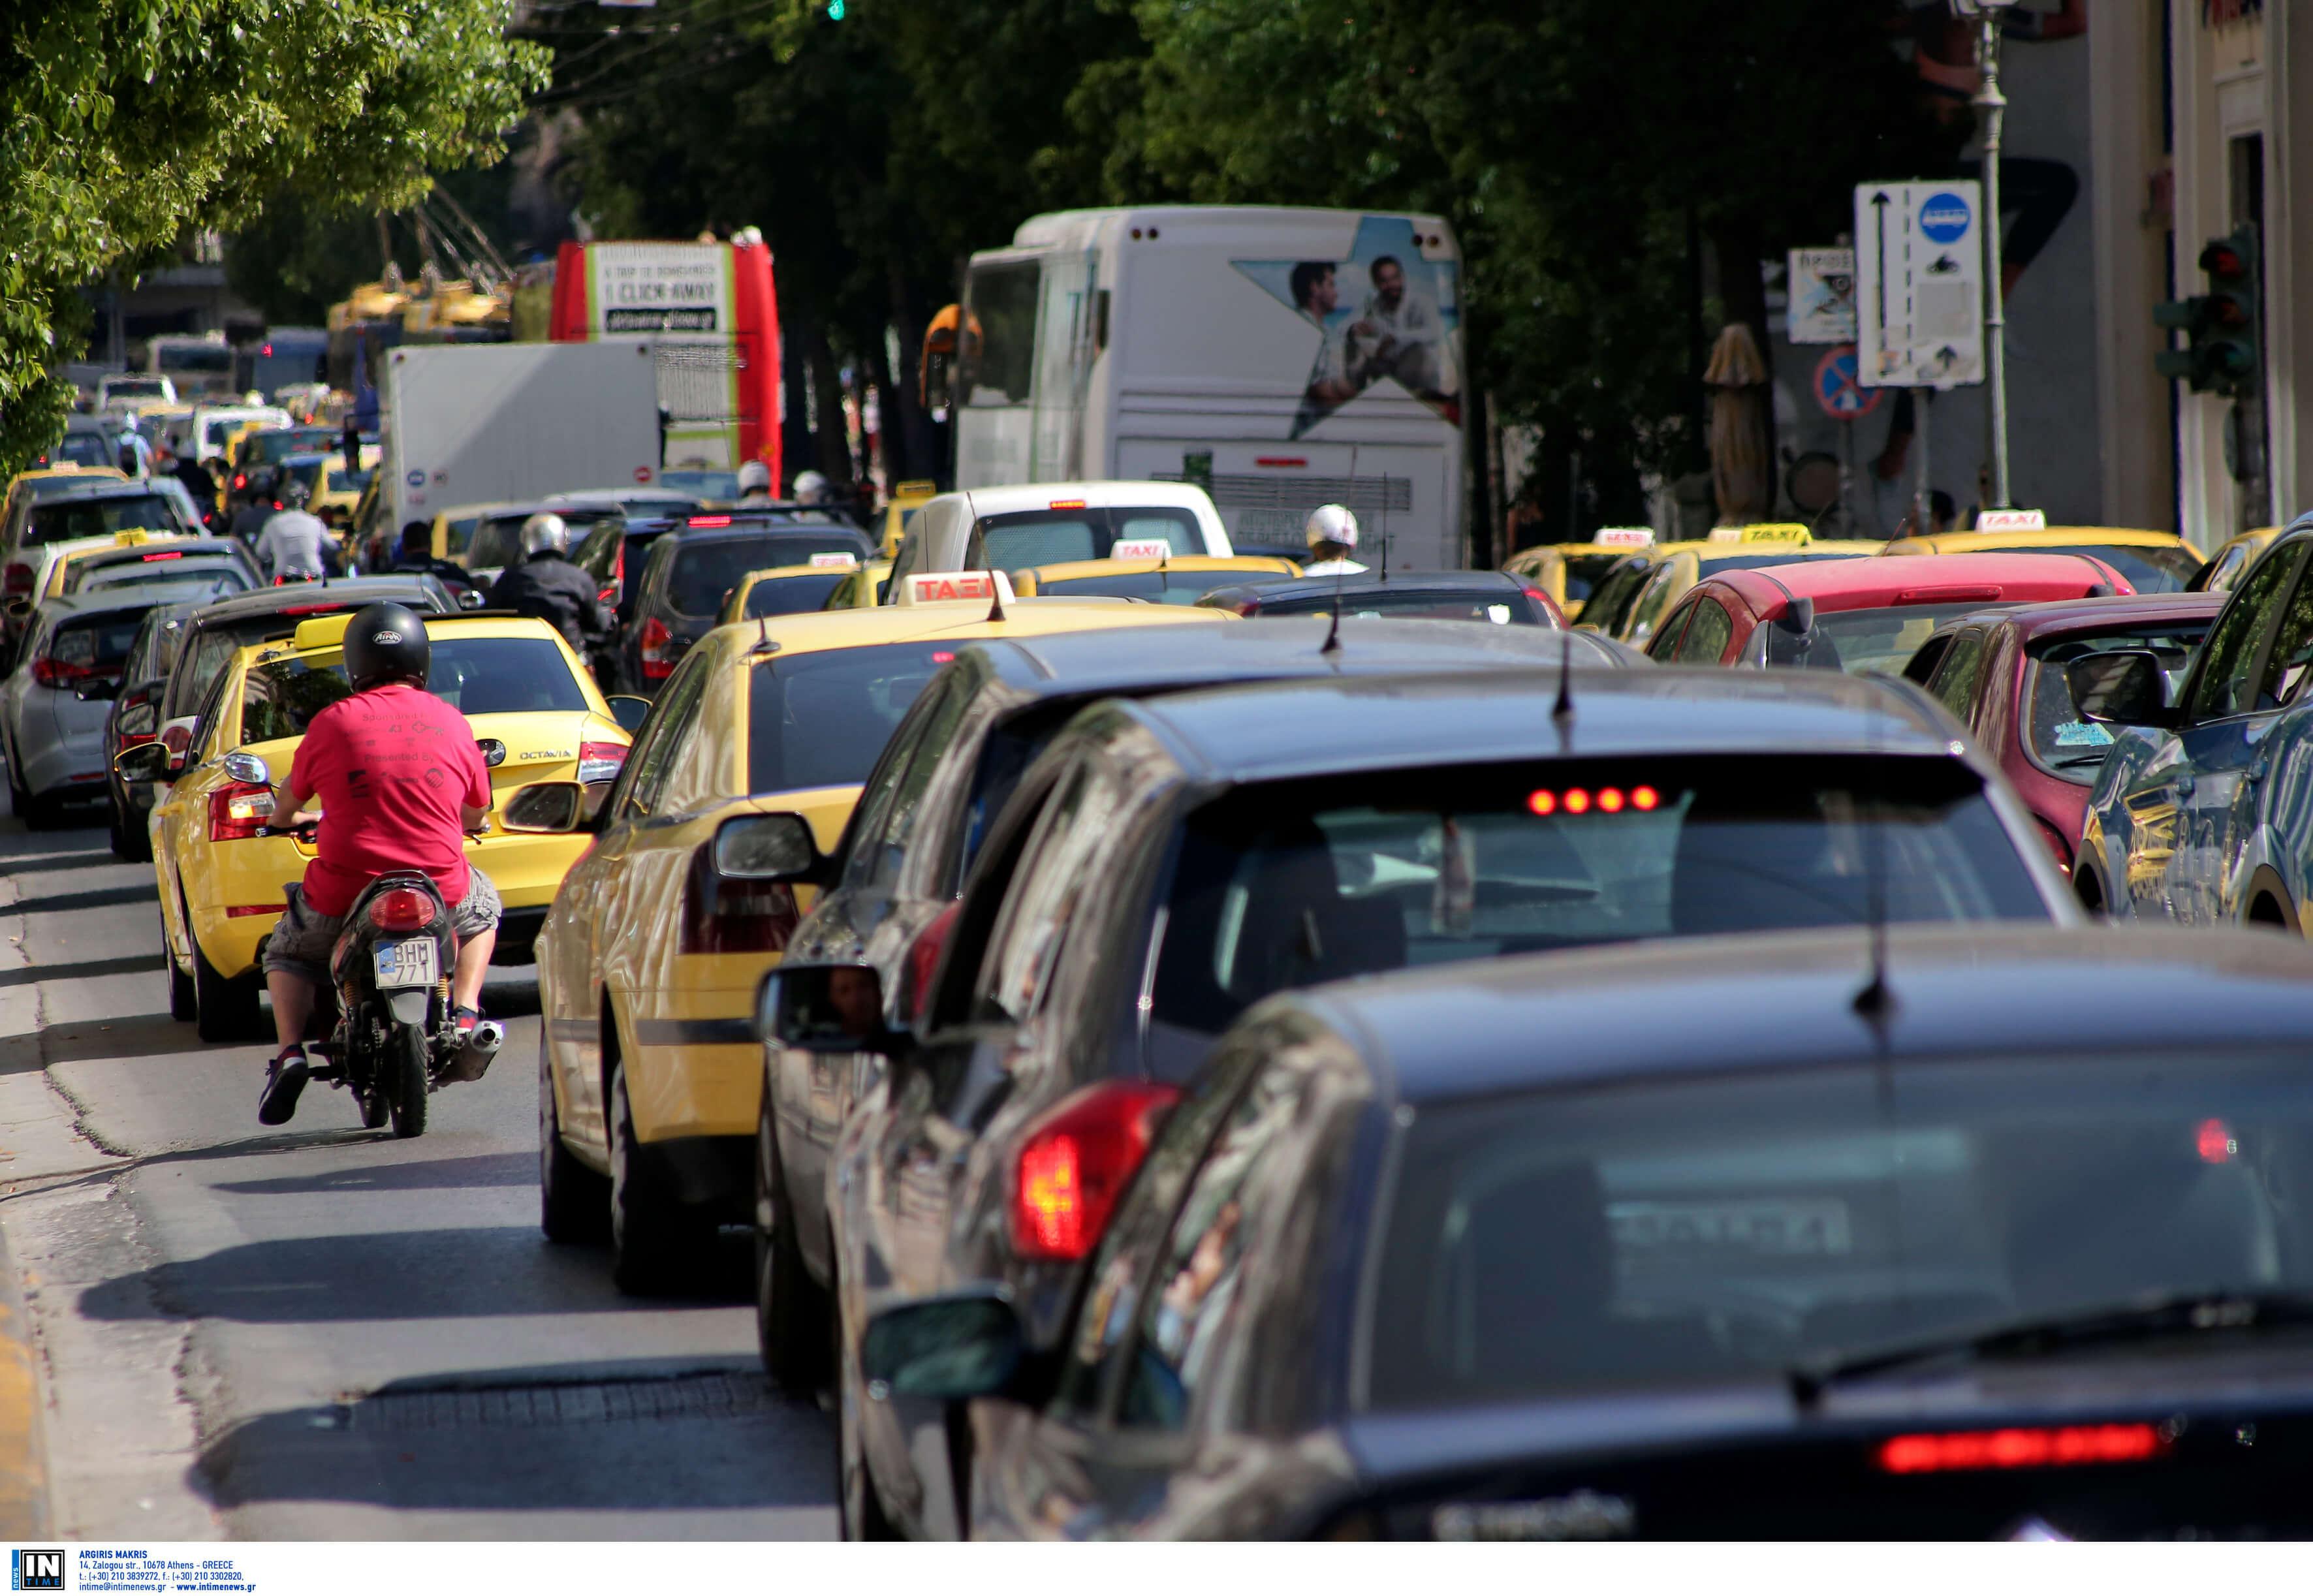 Έκρηξη χειροβομβίδας στο Χαλάνδρι: Αποκλεισμένοι δρόμοι και αυξημένη κίνηση